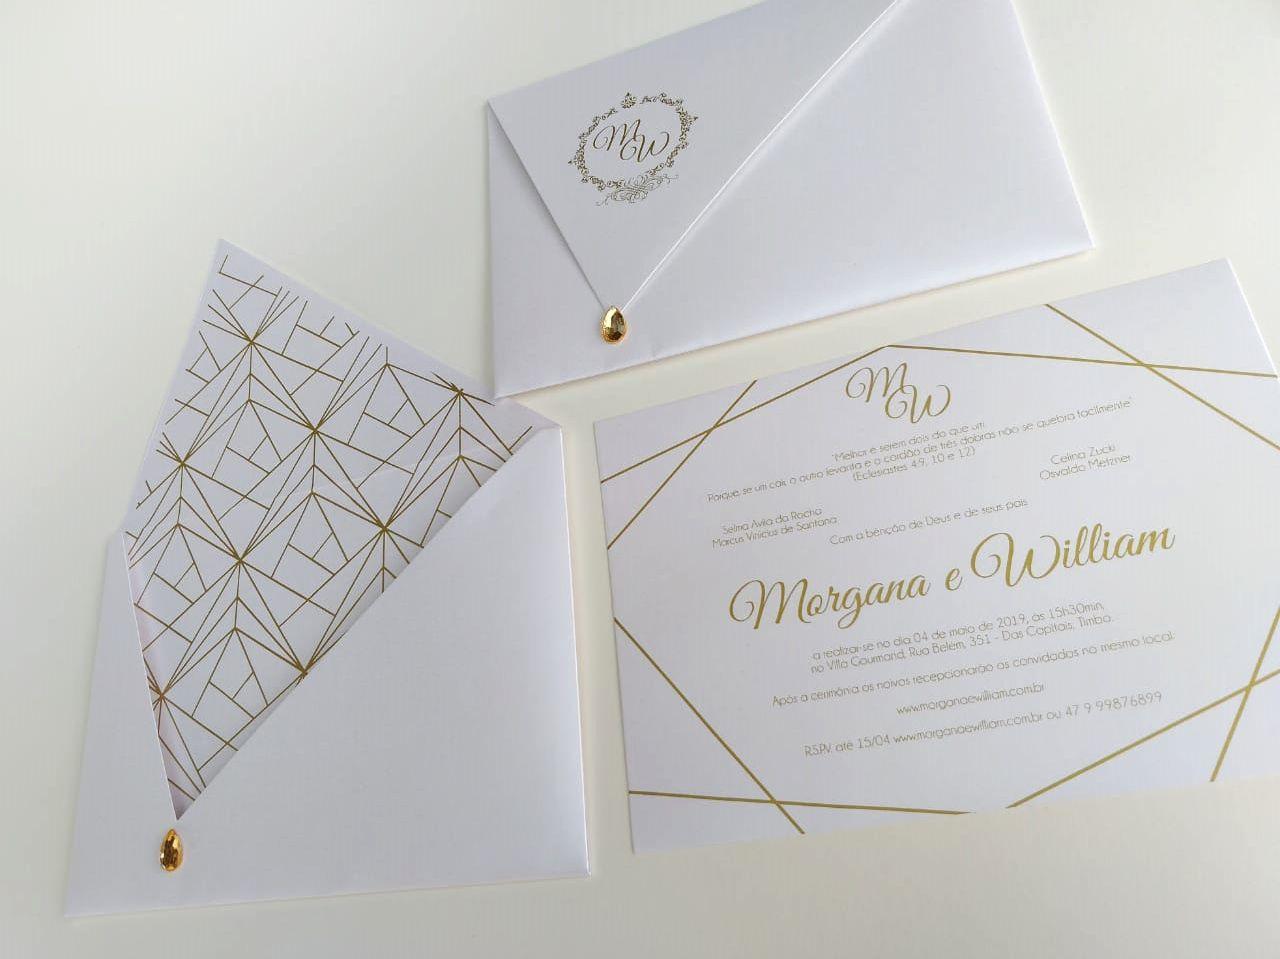 Convite Morgana e William